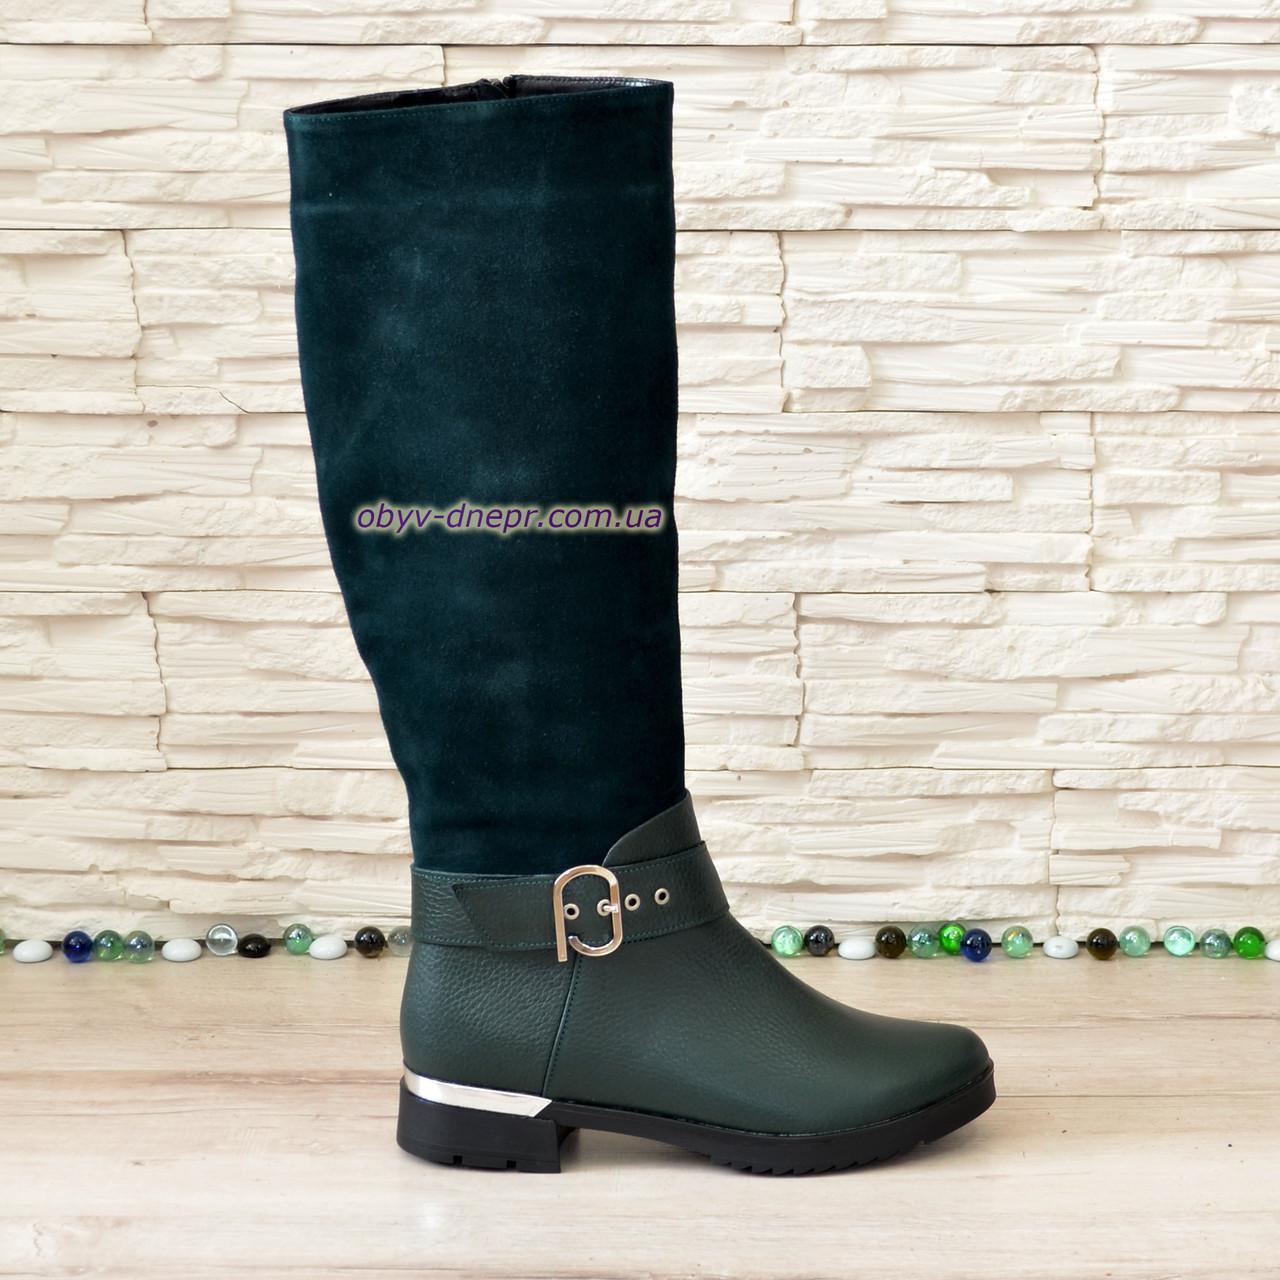 Сапоги женские зимние на невысоком каблуке, натуральная кожа флотар и замша